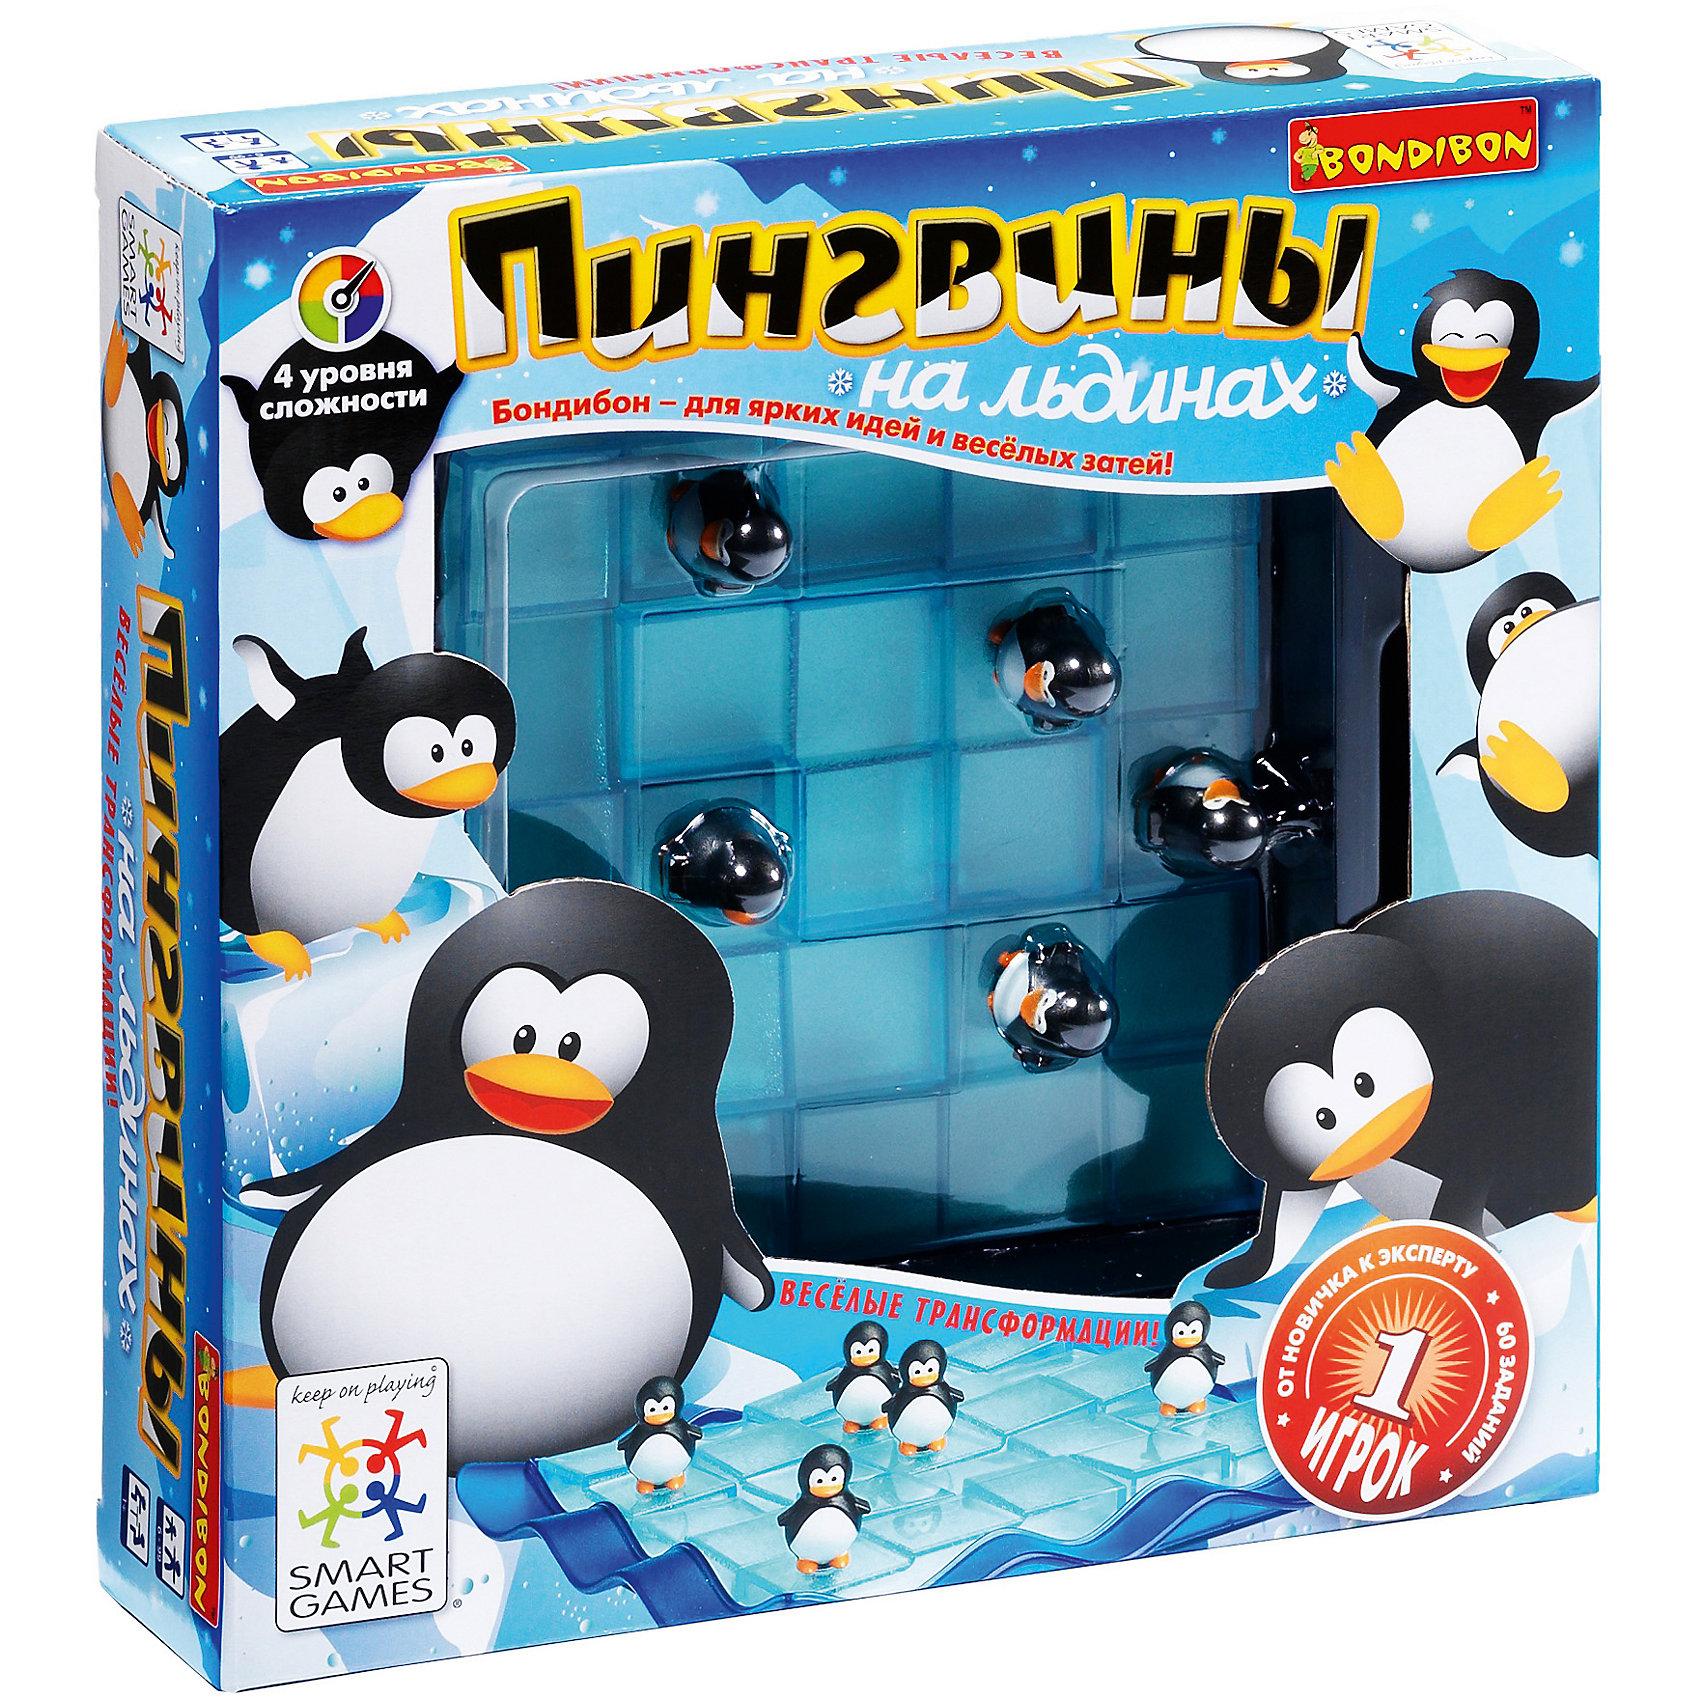 Логическая игра Пингвины на льдинах, BondibonПингвины на льдинах это необычная, увлекательная и интересная игра, в которой используются детали-пазлы в виде плавучих льдин. Нужно спасти пингвинов, и расположить их фигурки таким образом, чтобы они оказались в безопасности. Перед игроком стоит сразу две задачи: грамотно изменить форму пазла и правильно расположить фигуру.<br><br>Дополнительная информация:<br><br>- Возраст: от 7 лет<br>- В комплекте: игровое поле, 5 фигурок пингвинов, 60 заданий, инструкция<br>- Материал: картон, пластик<br>- Размер упаковки: 23х6х23 см<br>- Вес: 0.62 кг<br><br>Логическую игру Пингвины на льдинах, Bondibon можно купить в нашем интернет-магазине.<br><br>Ширина мм: 238<br>Глубина мм: 60<br>Высота мм: 239<br>Вес г: 627<br>Возраст от месяцев: 84<br>Возраст до месяцев: 1188<br>Пол: Унисекс<br>Возраст: Детский<br>SKU: 4864494